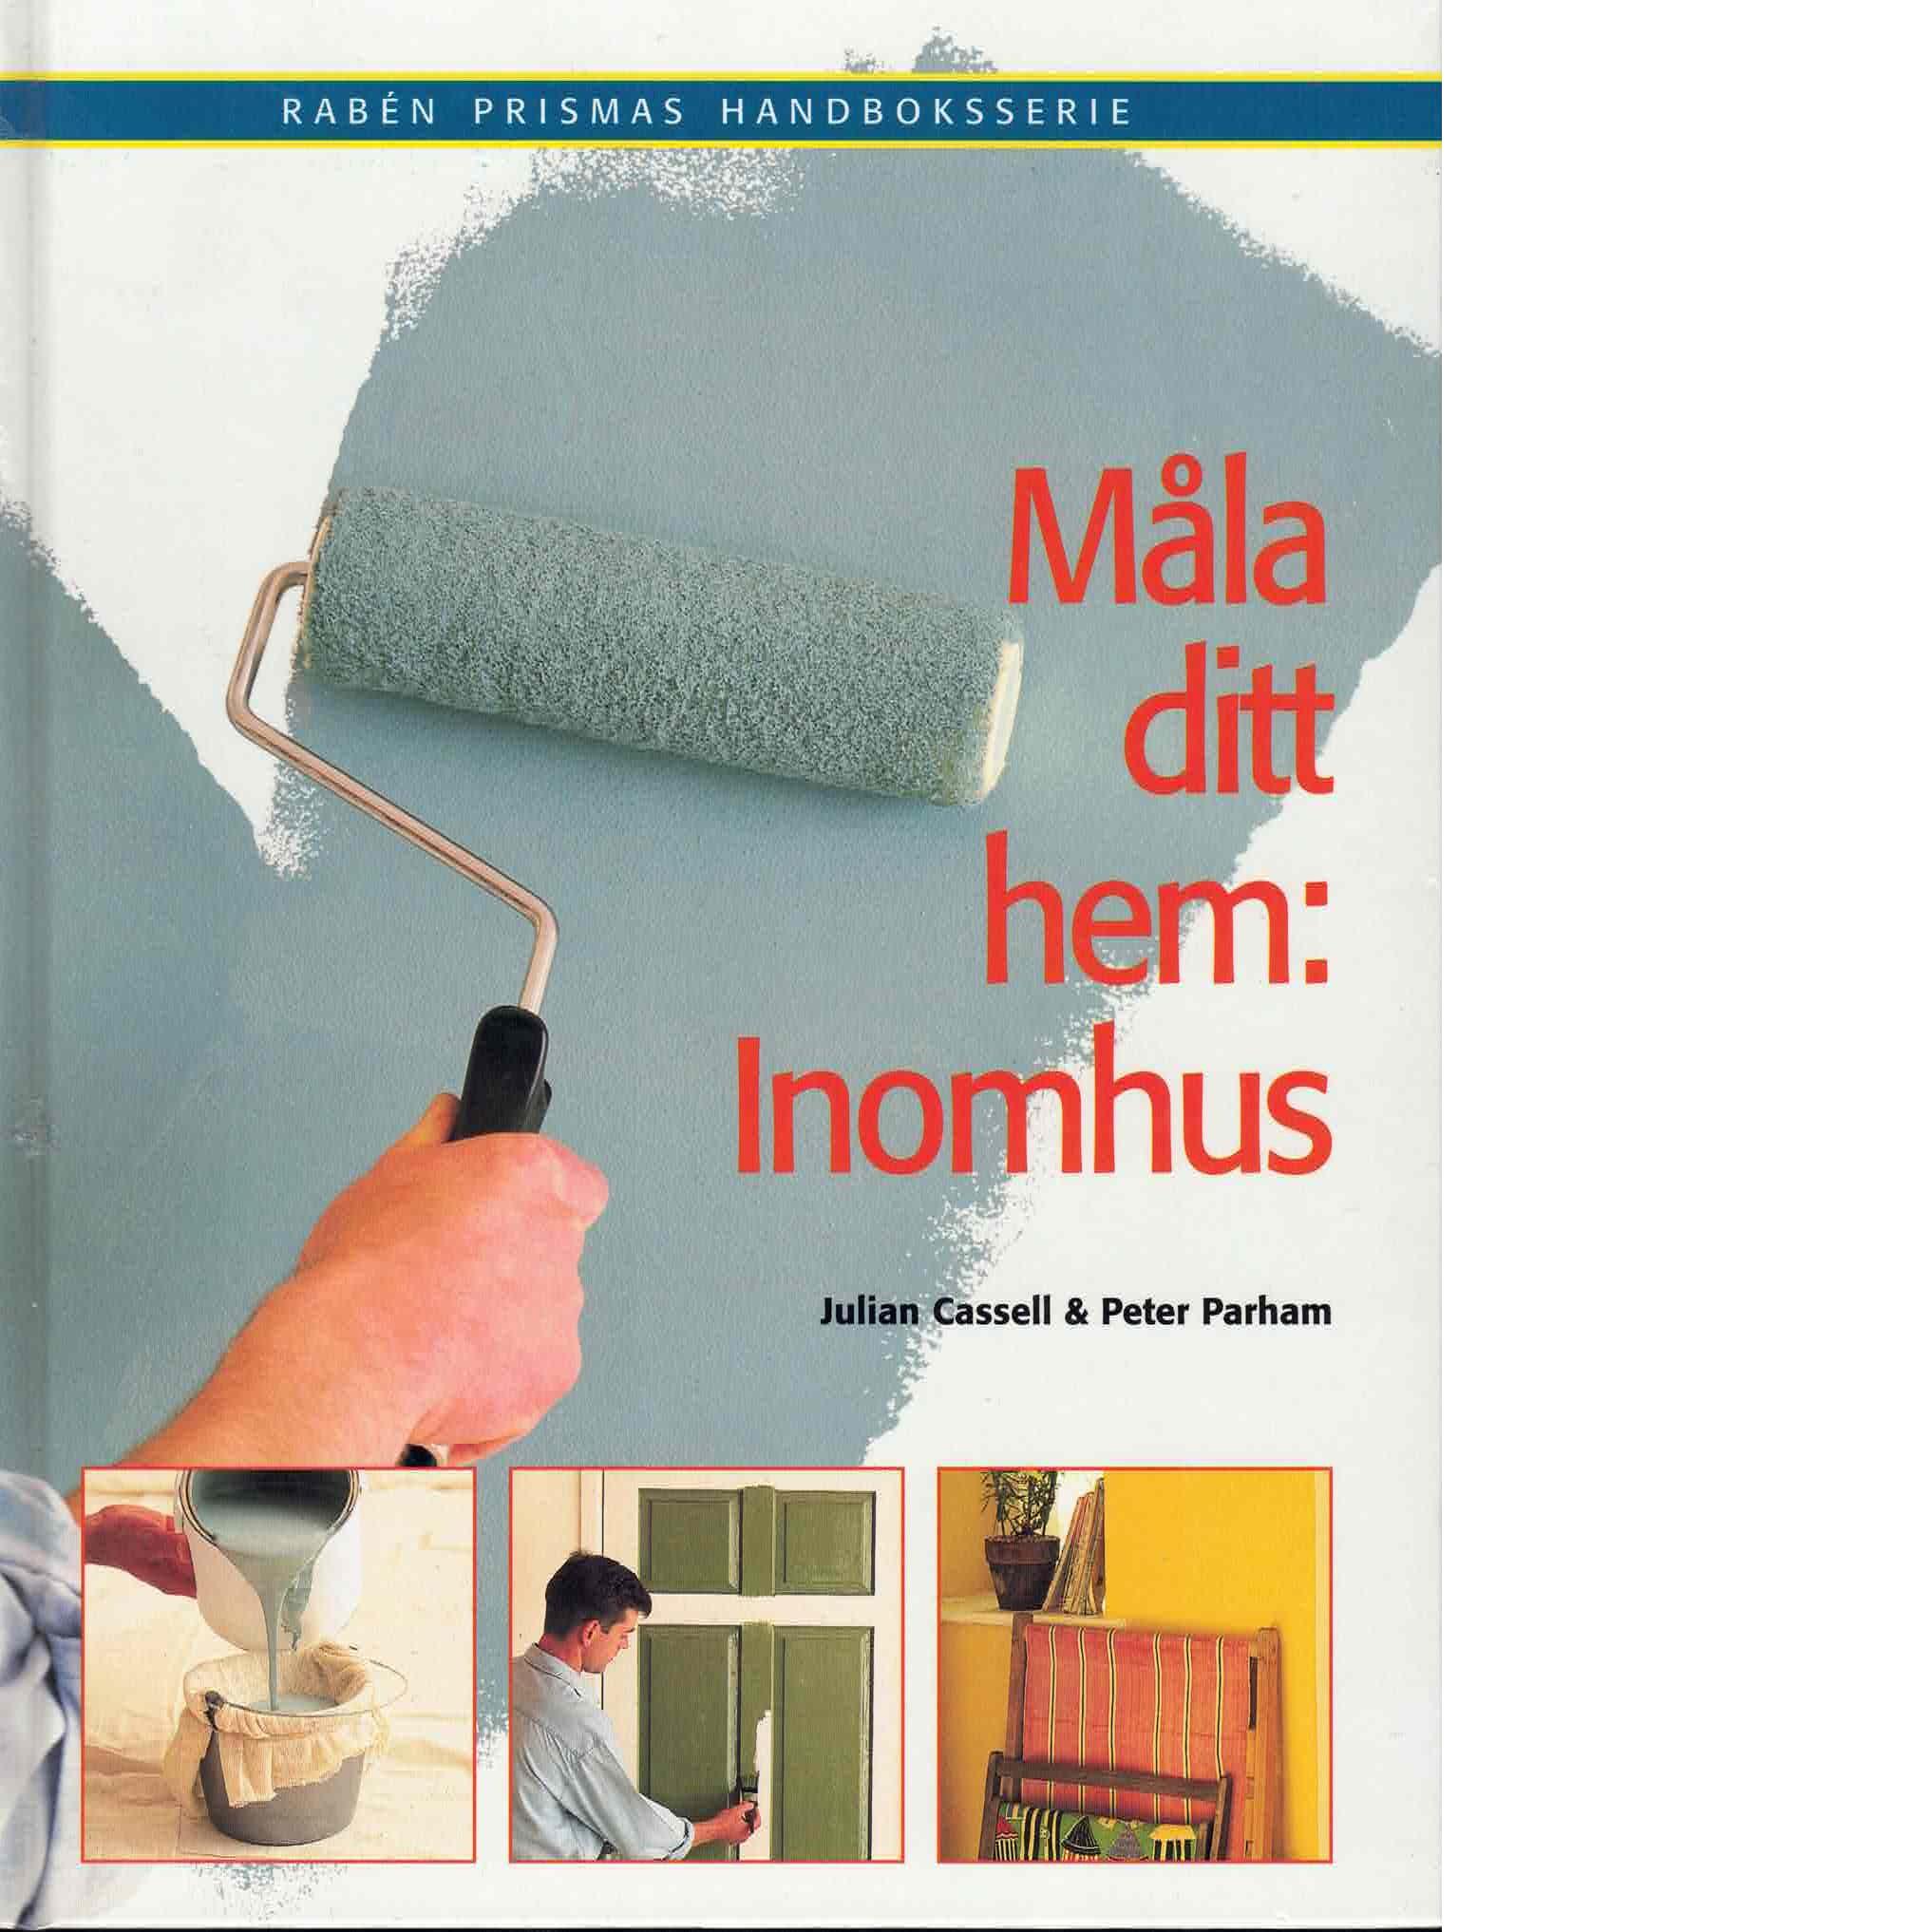 Måla ditt hem: inomhus - Cassell, Julian och Parham, Peter